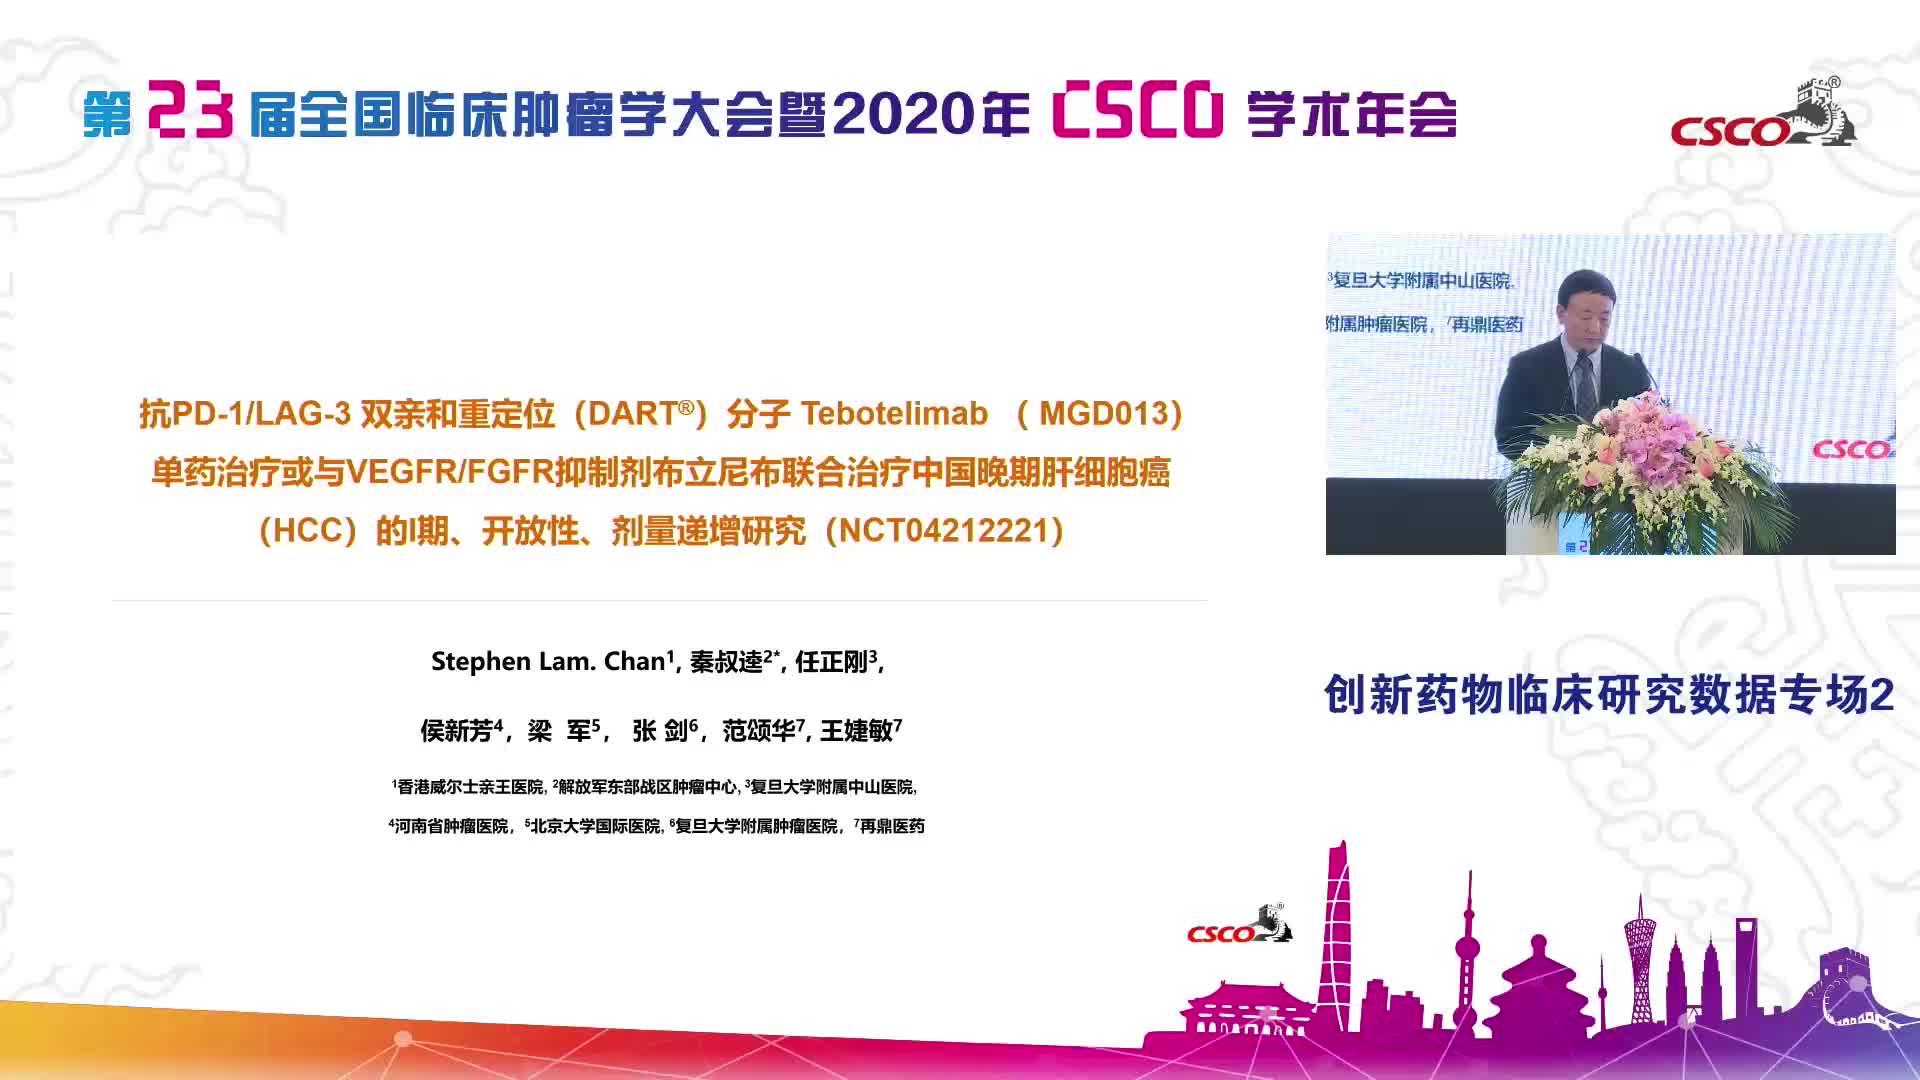 抗PD-1/LAG-3 双亲和重定位(DART®)分子Tebotelimab (MGD013)单药治疗或与VEGFR/FGFR抑制剂布立尼布联合治疗在中国晚期肝癌(HCC)患者中的I期、开放性、剂量递增研究